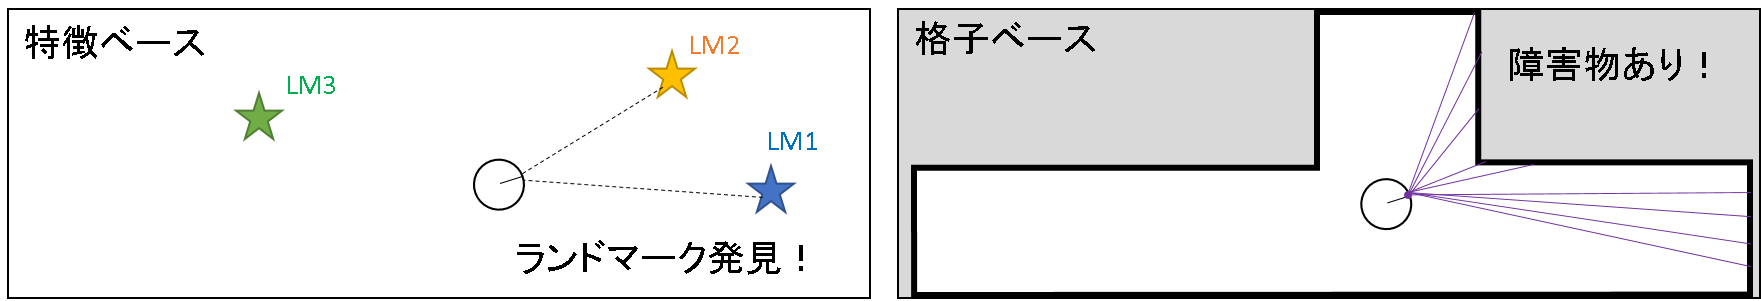 11_SLAMの種類.png